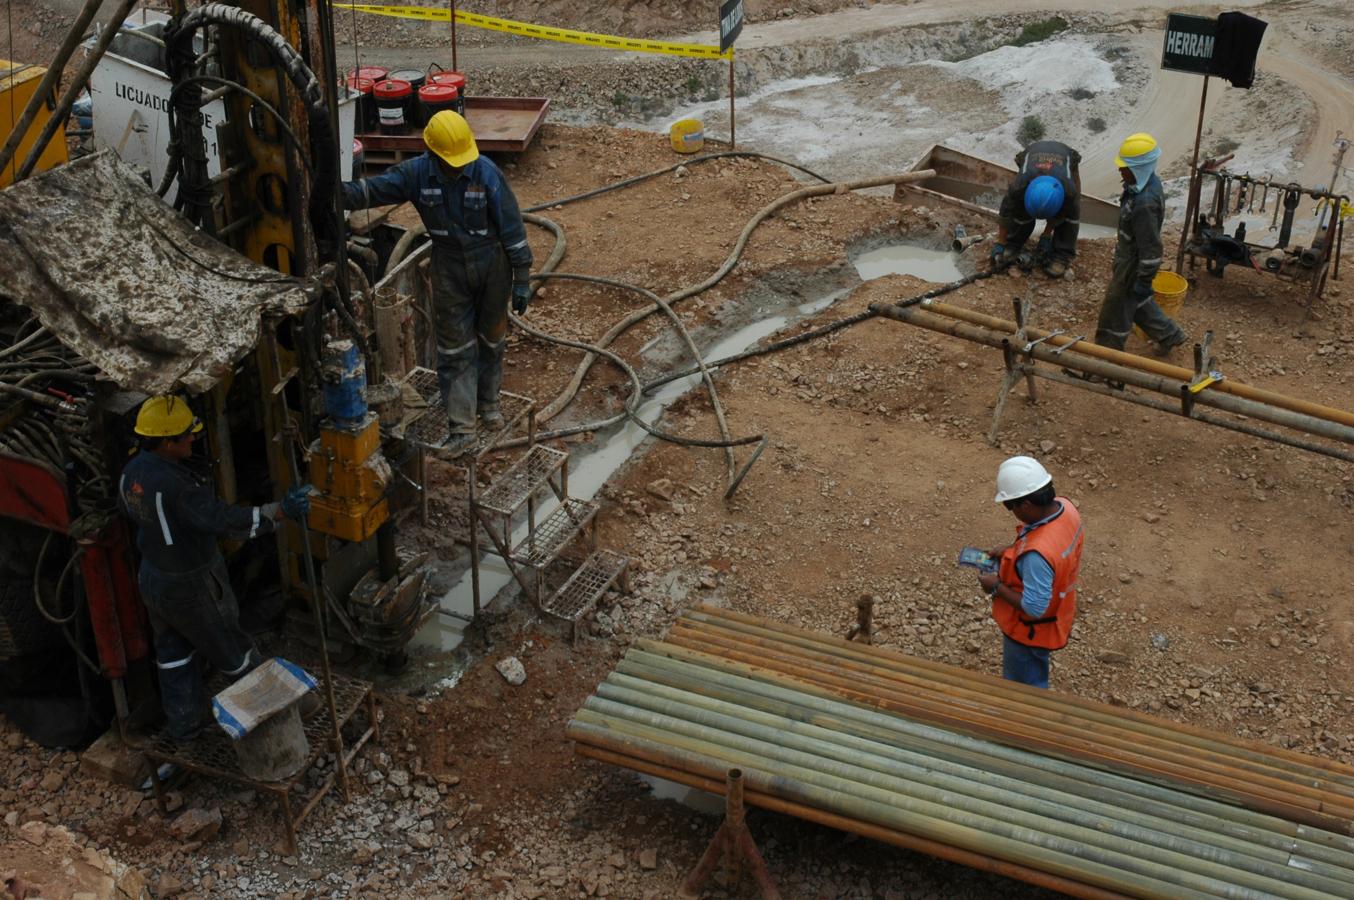 Southern recibió licencia de construcción para Tía María, pero aún no iniciará obras